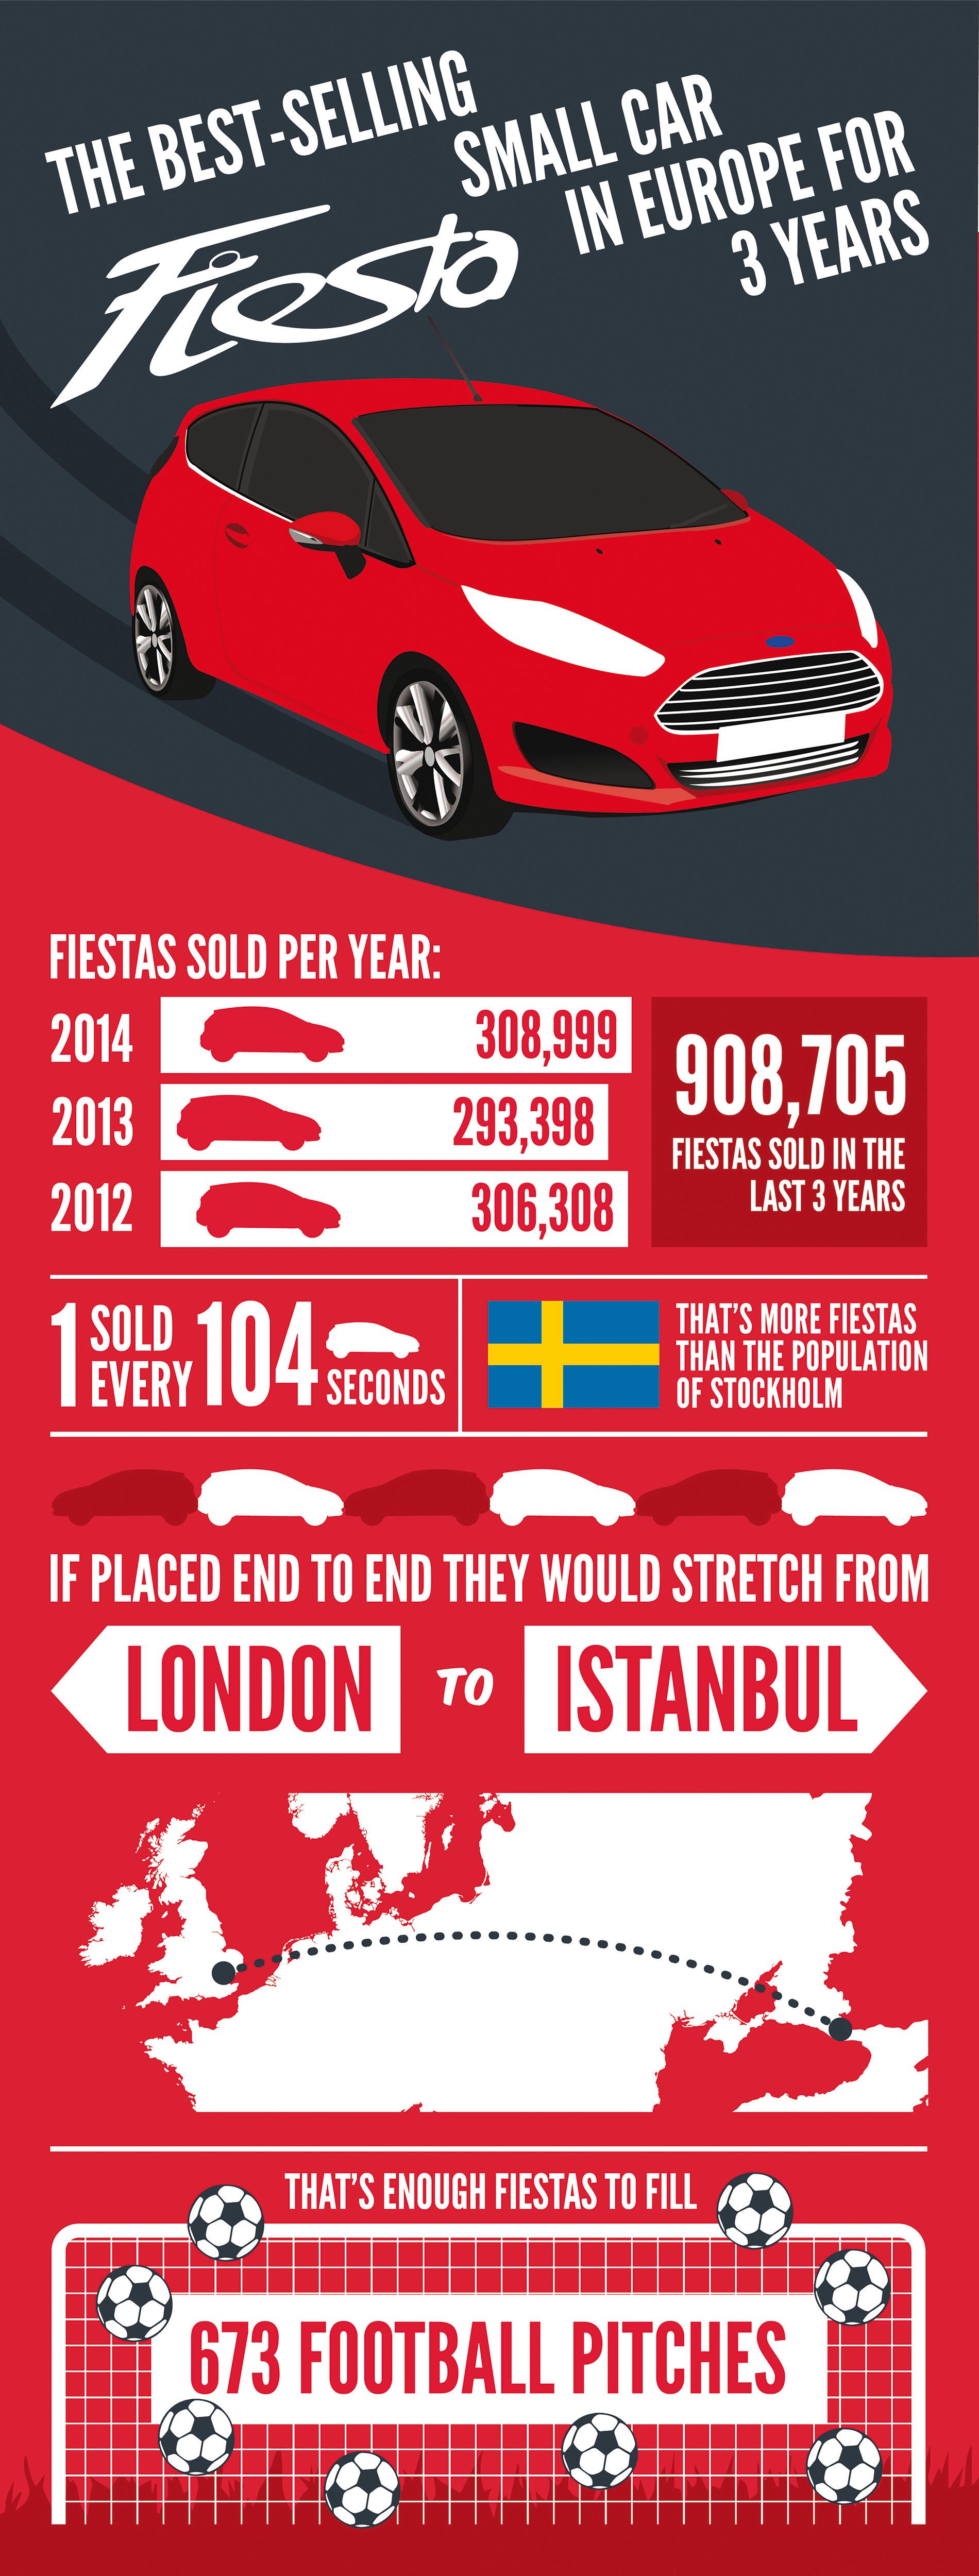 Fiesta is No. 1 in Europe